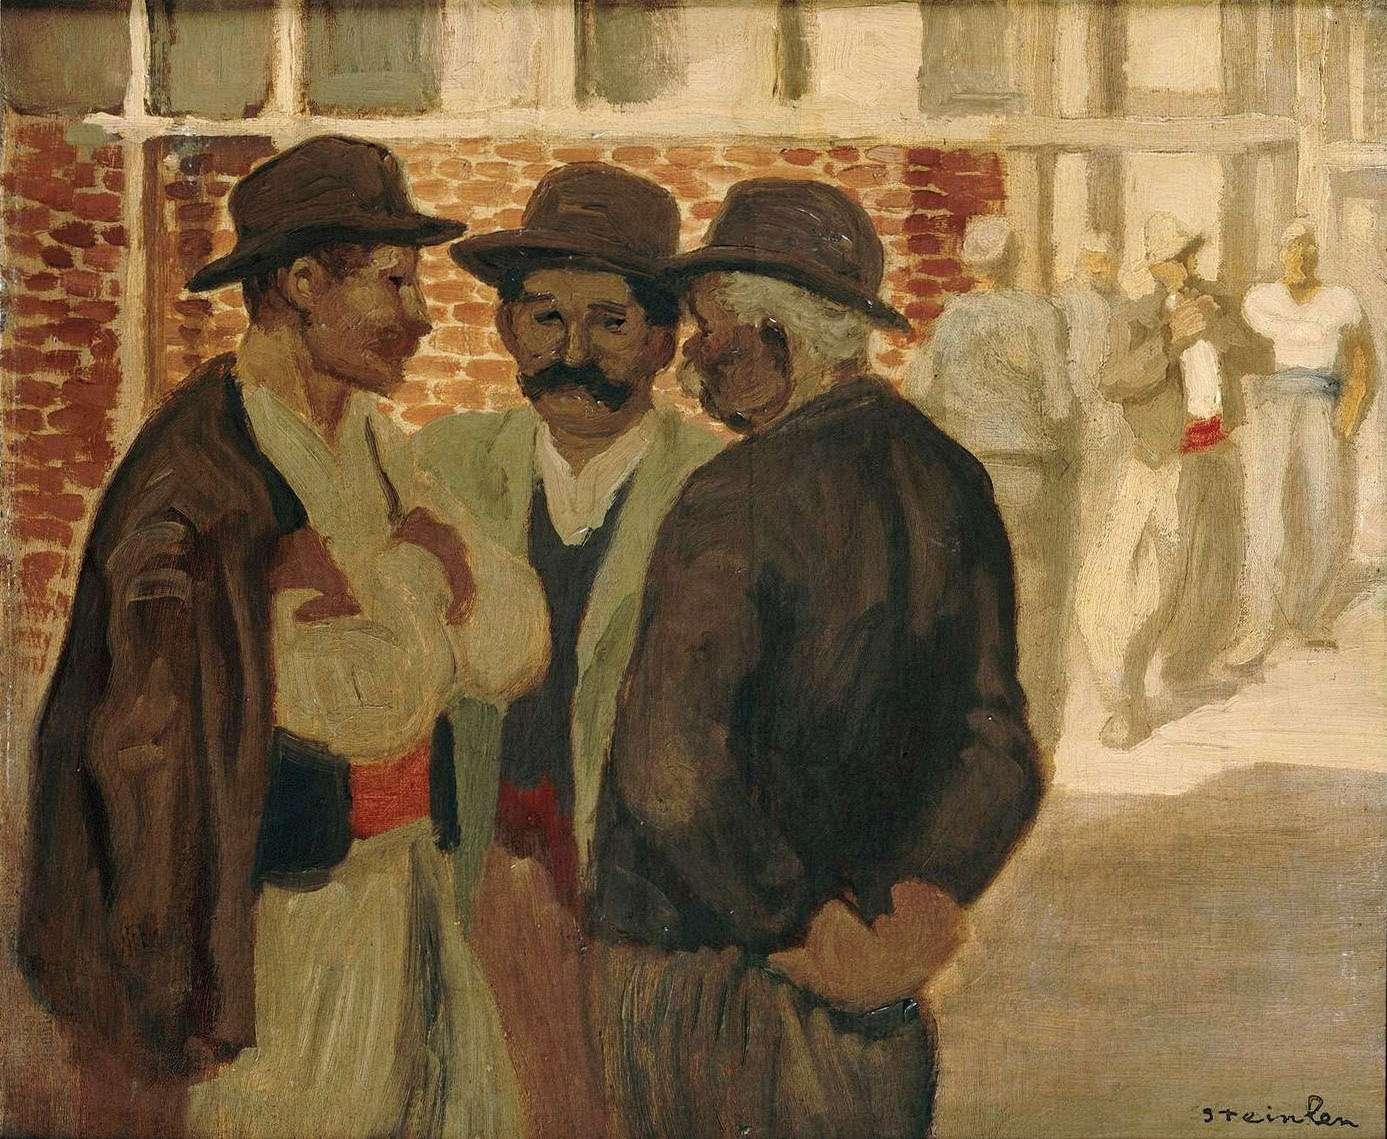 """Théophile Alexandre Steinlen: """"Ouvriers du bâtiment"""" (1911). Musée d'Orsay"""